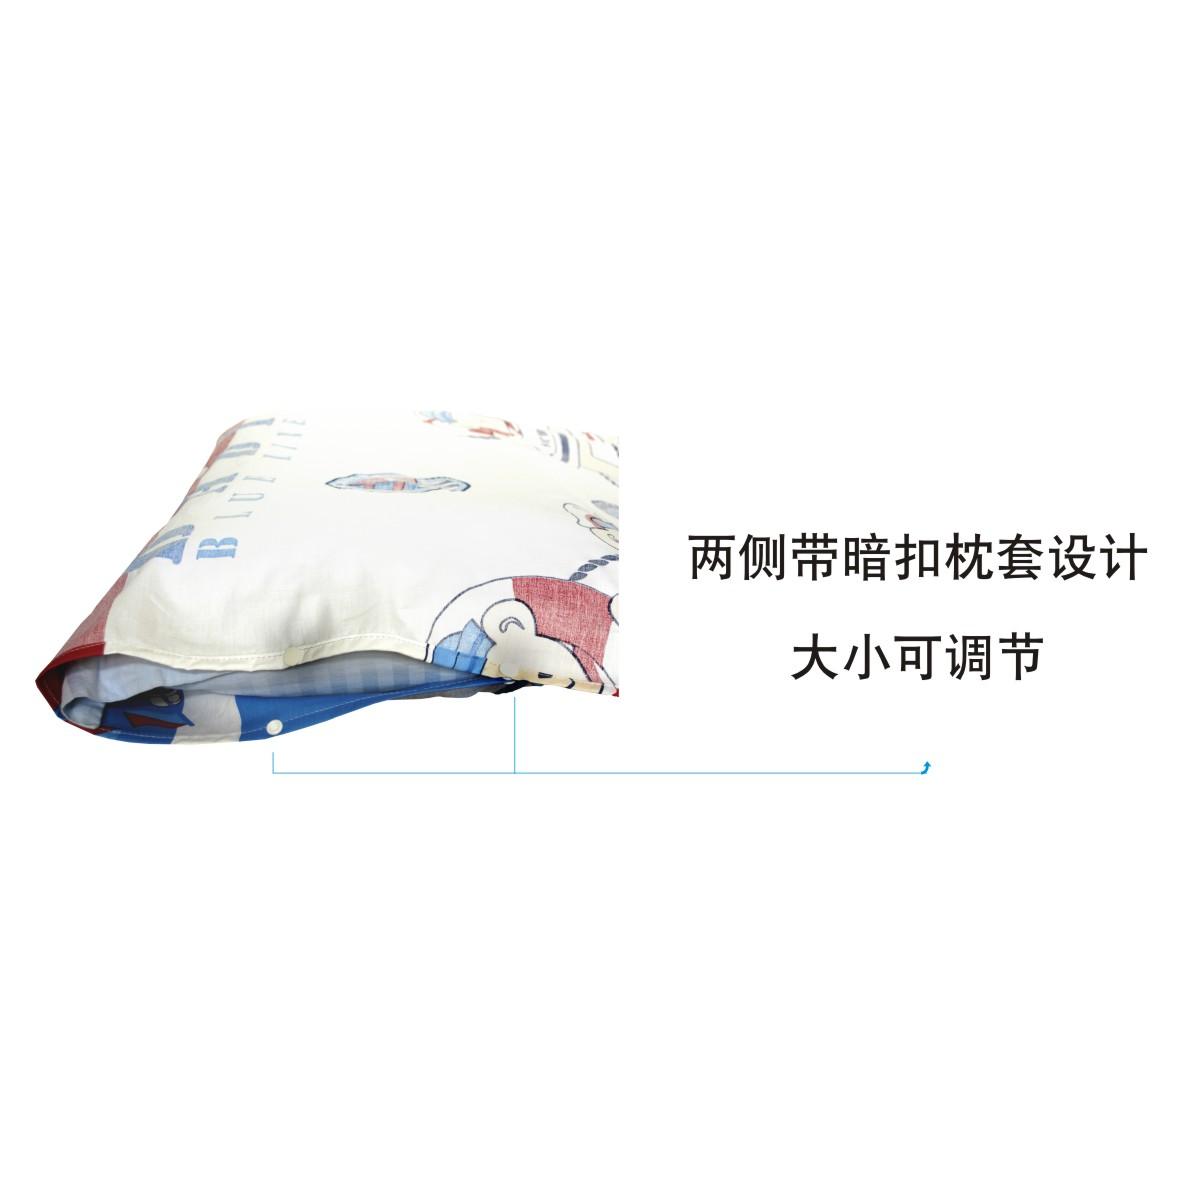 旅游家庭医院防脏隔脏定制作纯棉天丝提花贡缎三口之家超大号睡袋